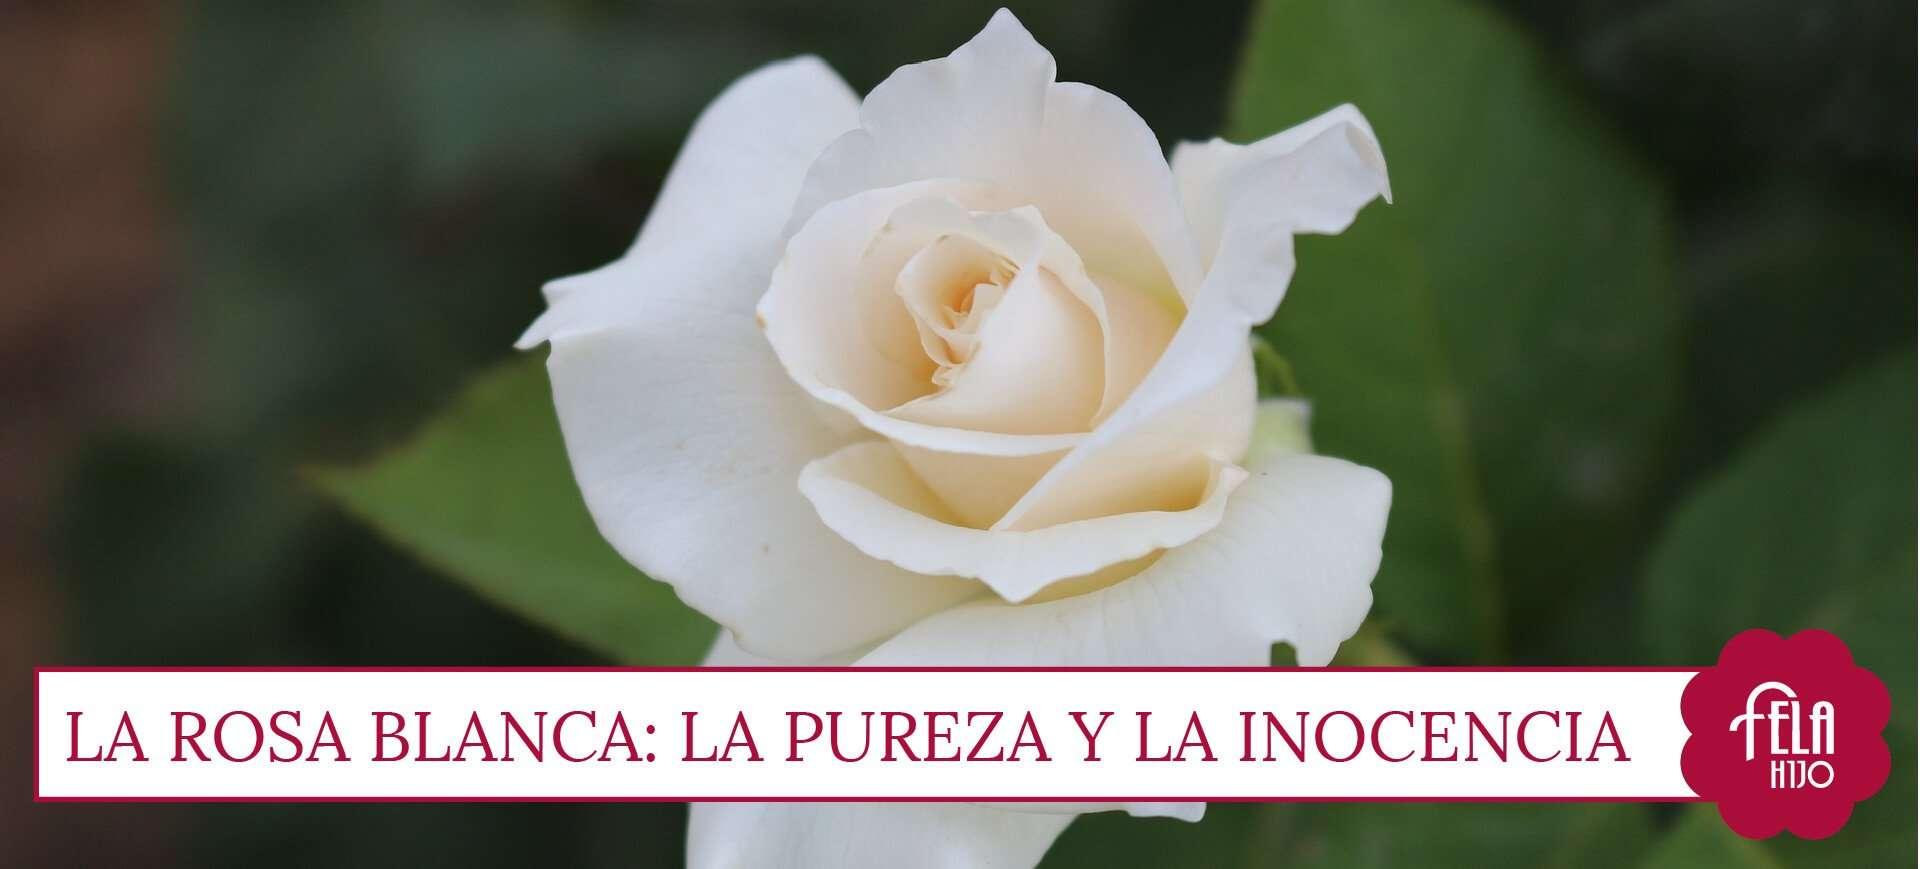 El significado de regalar rosas por san valent n flores fela - Significado rosas blancas ...